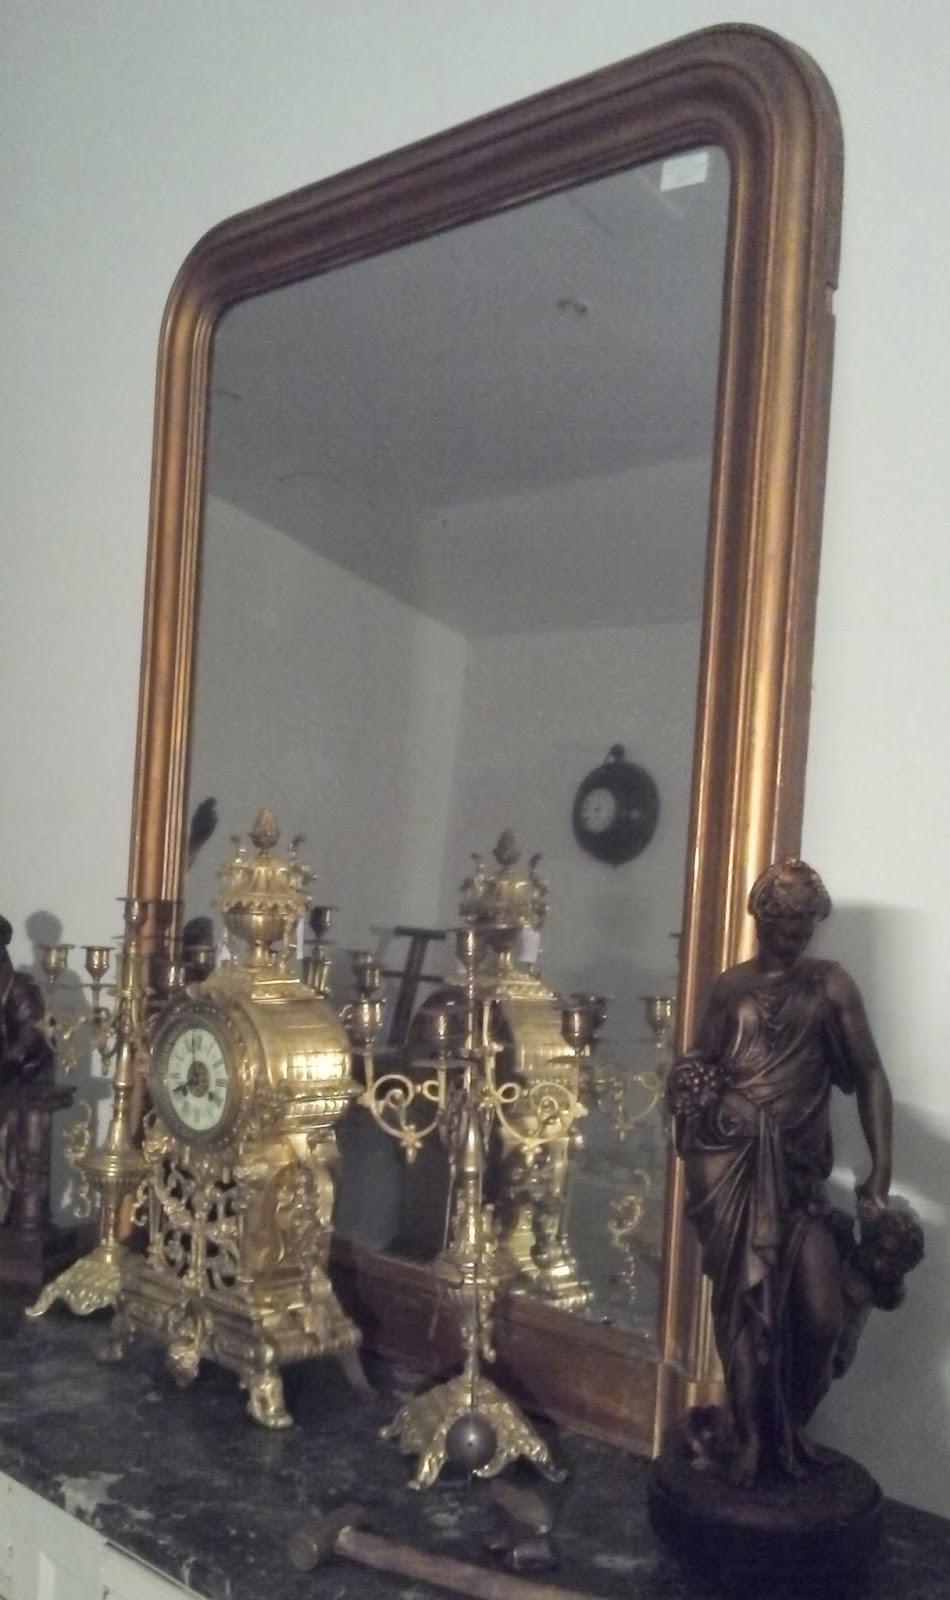 ancien miroir poque louis philippe dor parure de chemin e xixeme antique frenc ebay. Black Bedroom Furniture Sets. Home Design Ideas